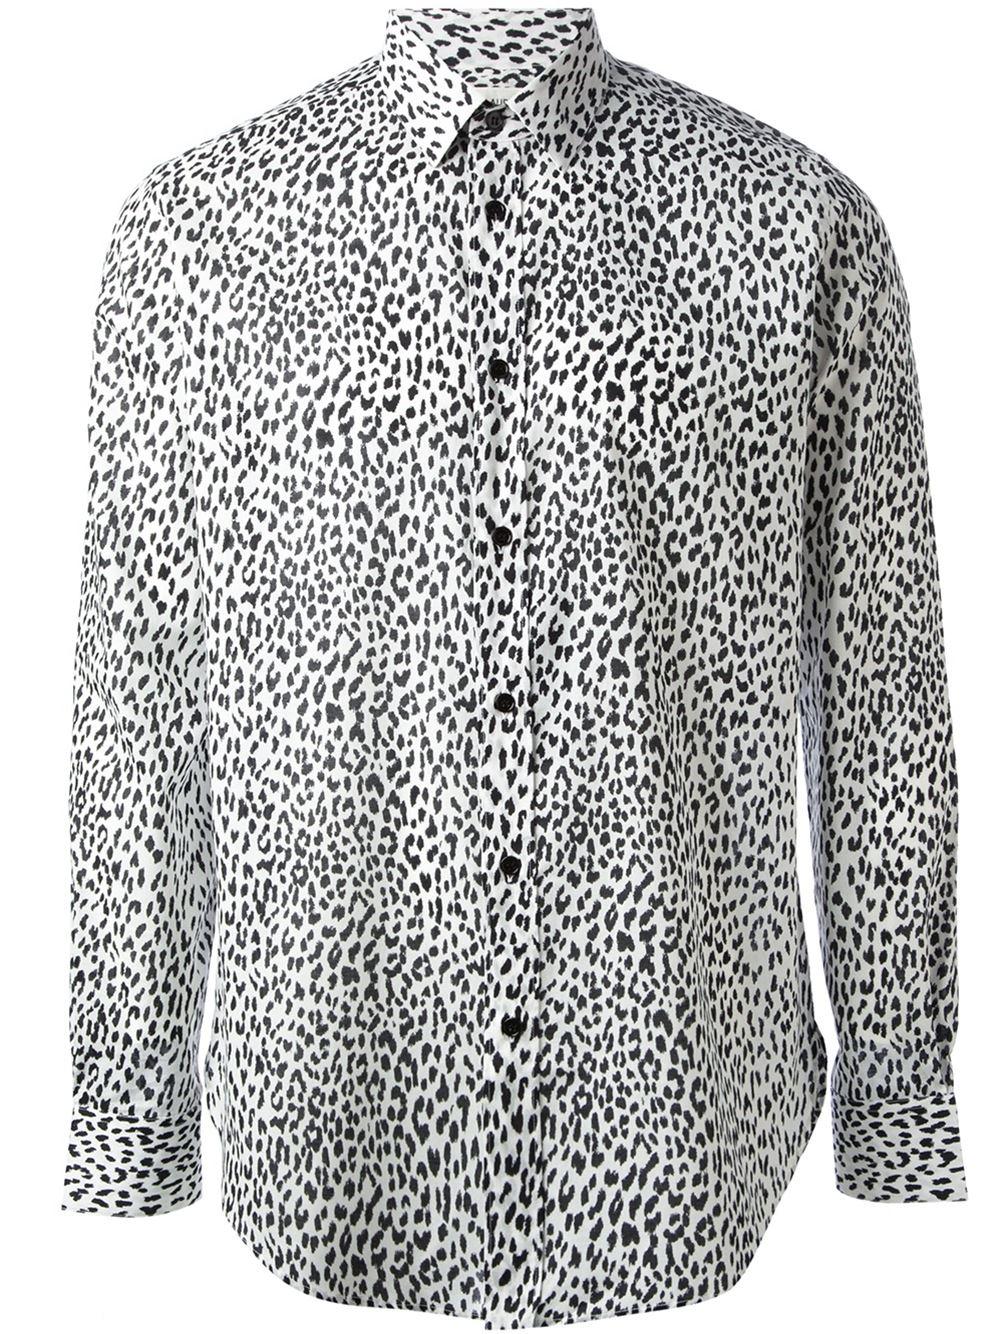 cc5d2ea867c4c3 Lyst - Saint Laurent Leopard Print Shirt in Black for Men